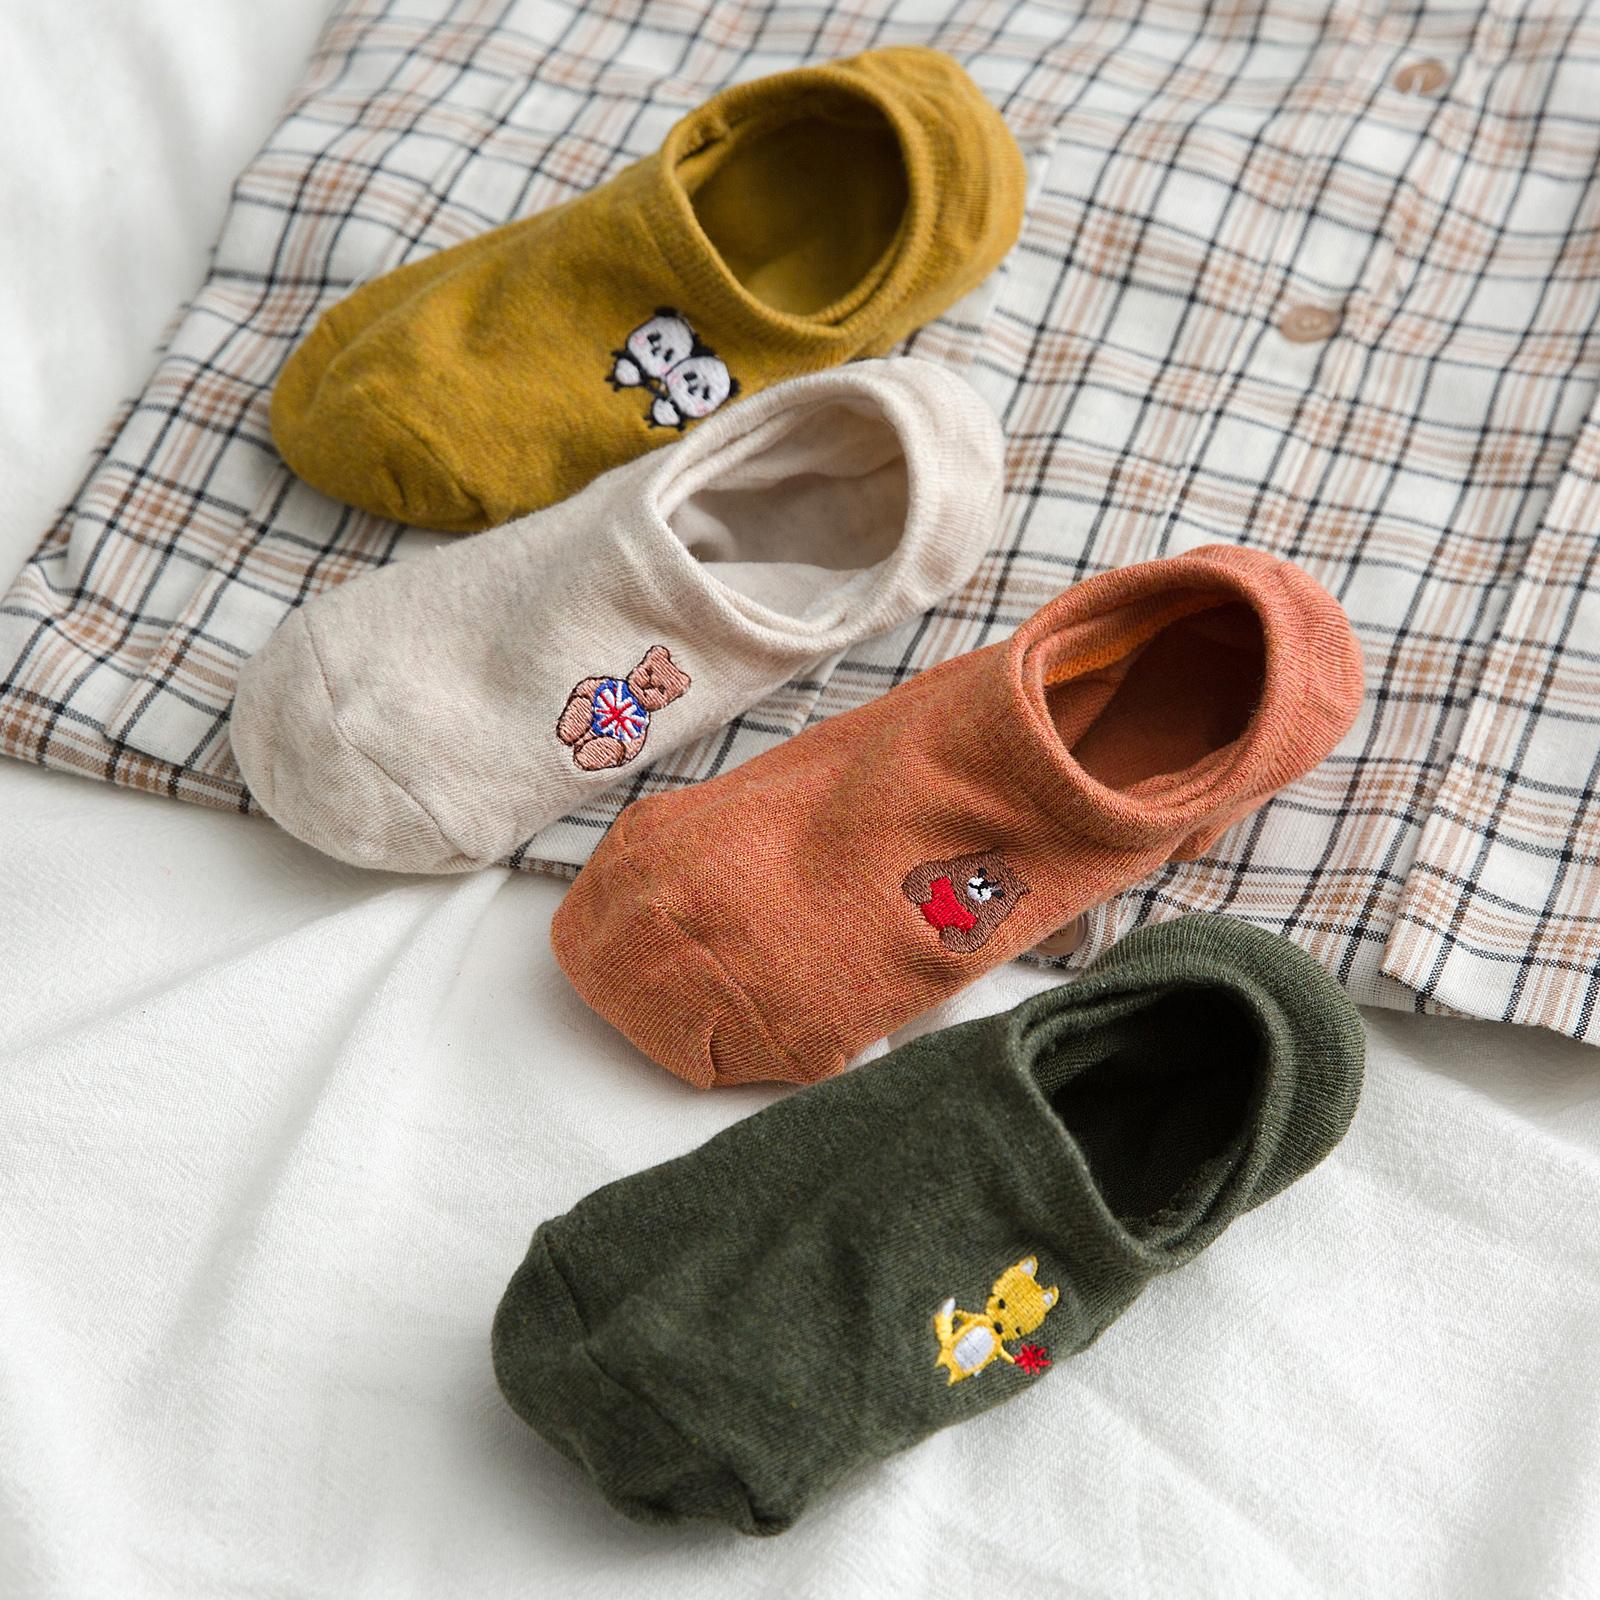 袜子女船袜纯棉浅口隐形低帮硅胶防滑韩国可爱短袜夏季薄夏天短款